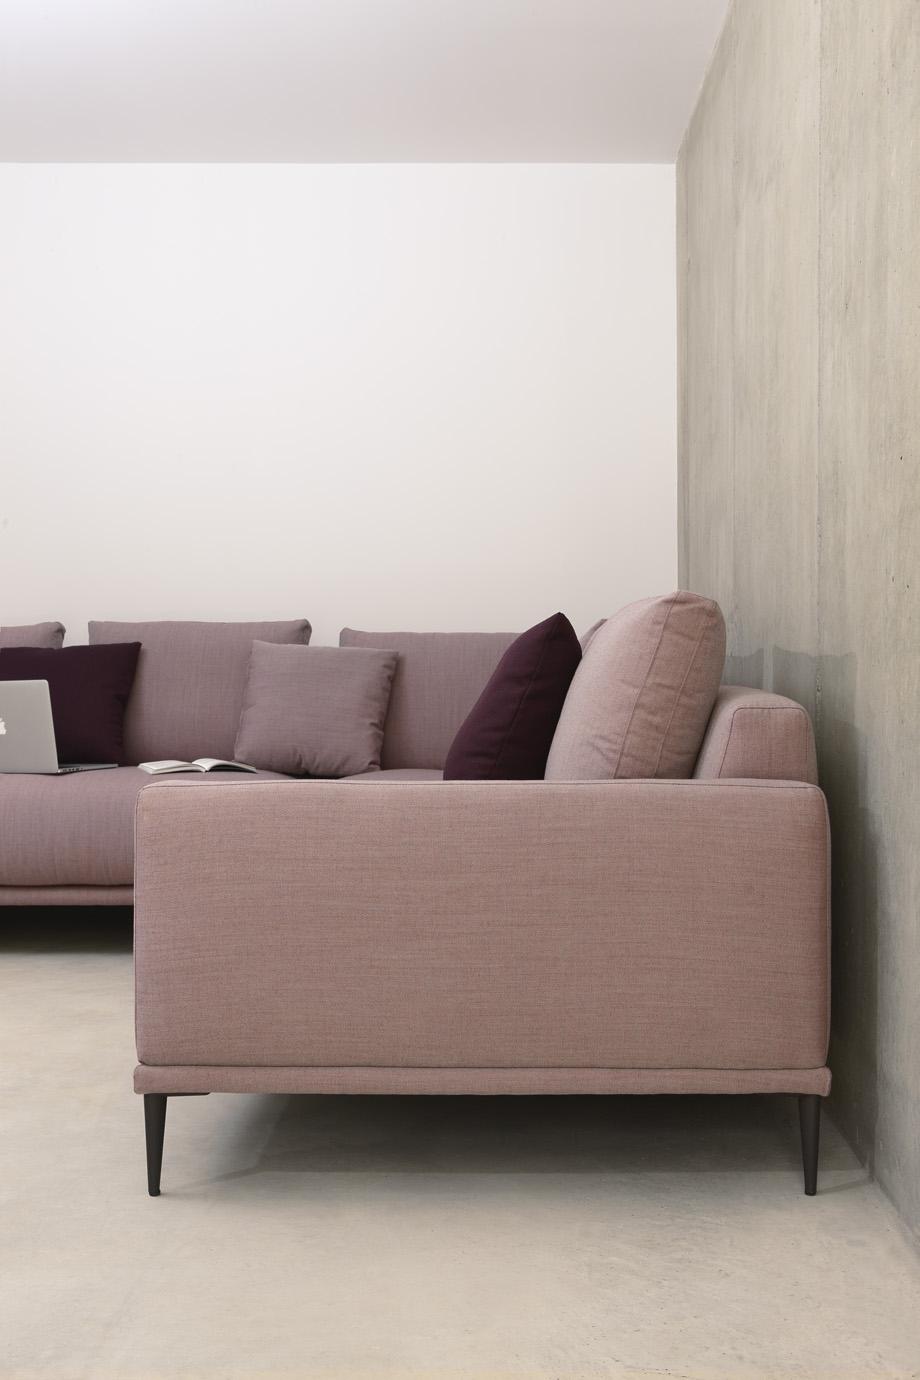 sofa alfil de lebom (2)